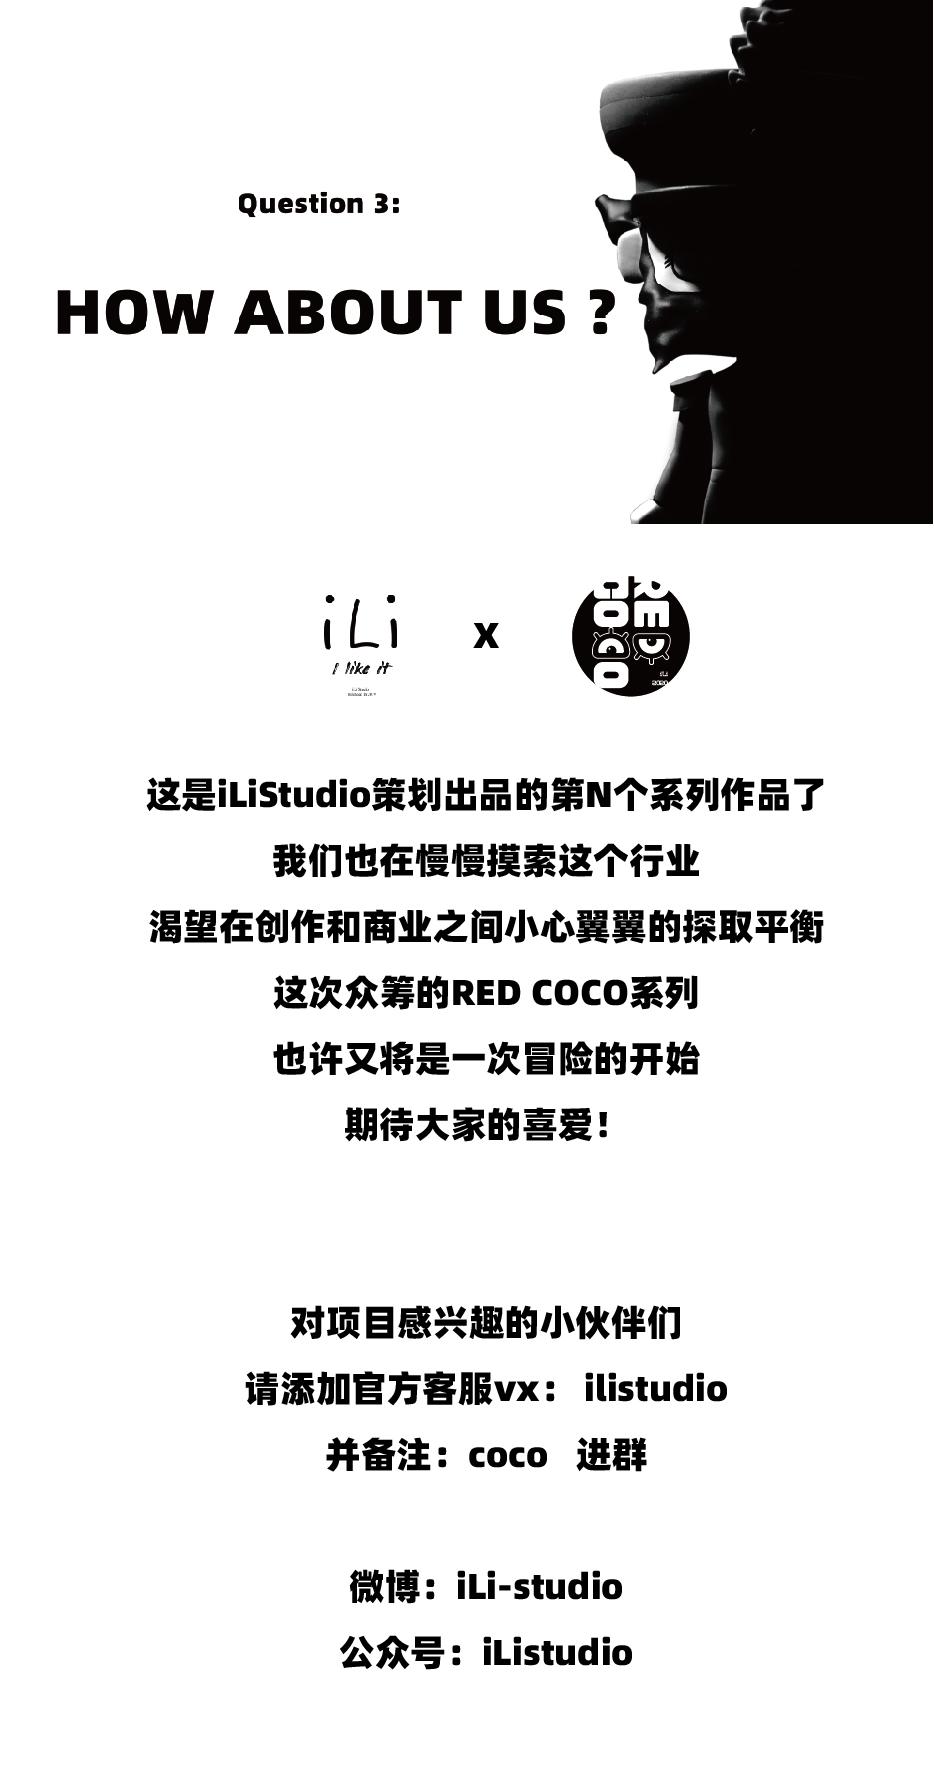 coco排版_画板 1 副本 11.jpg